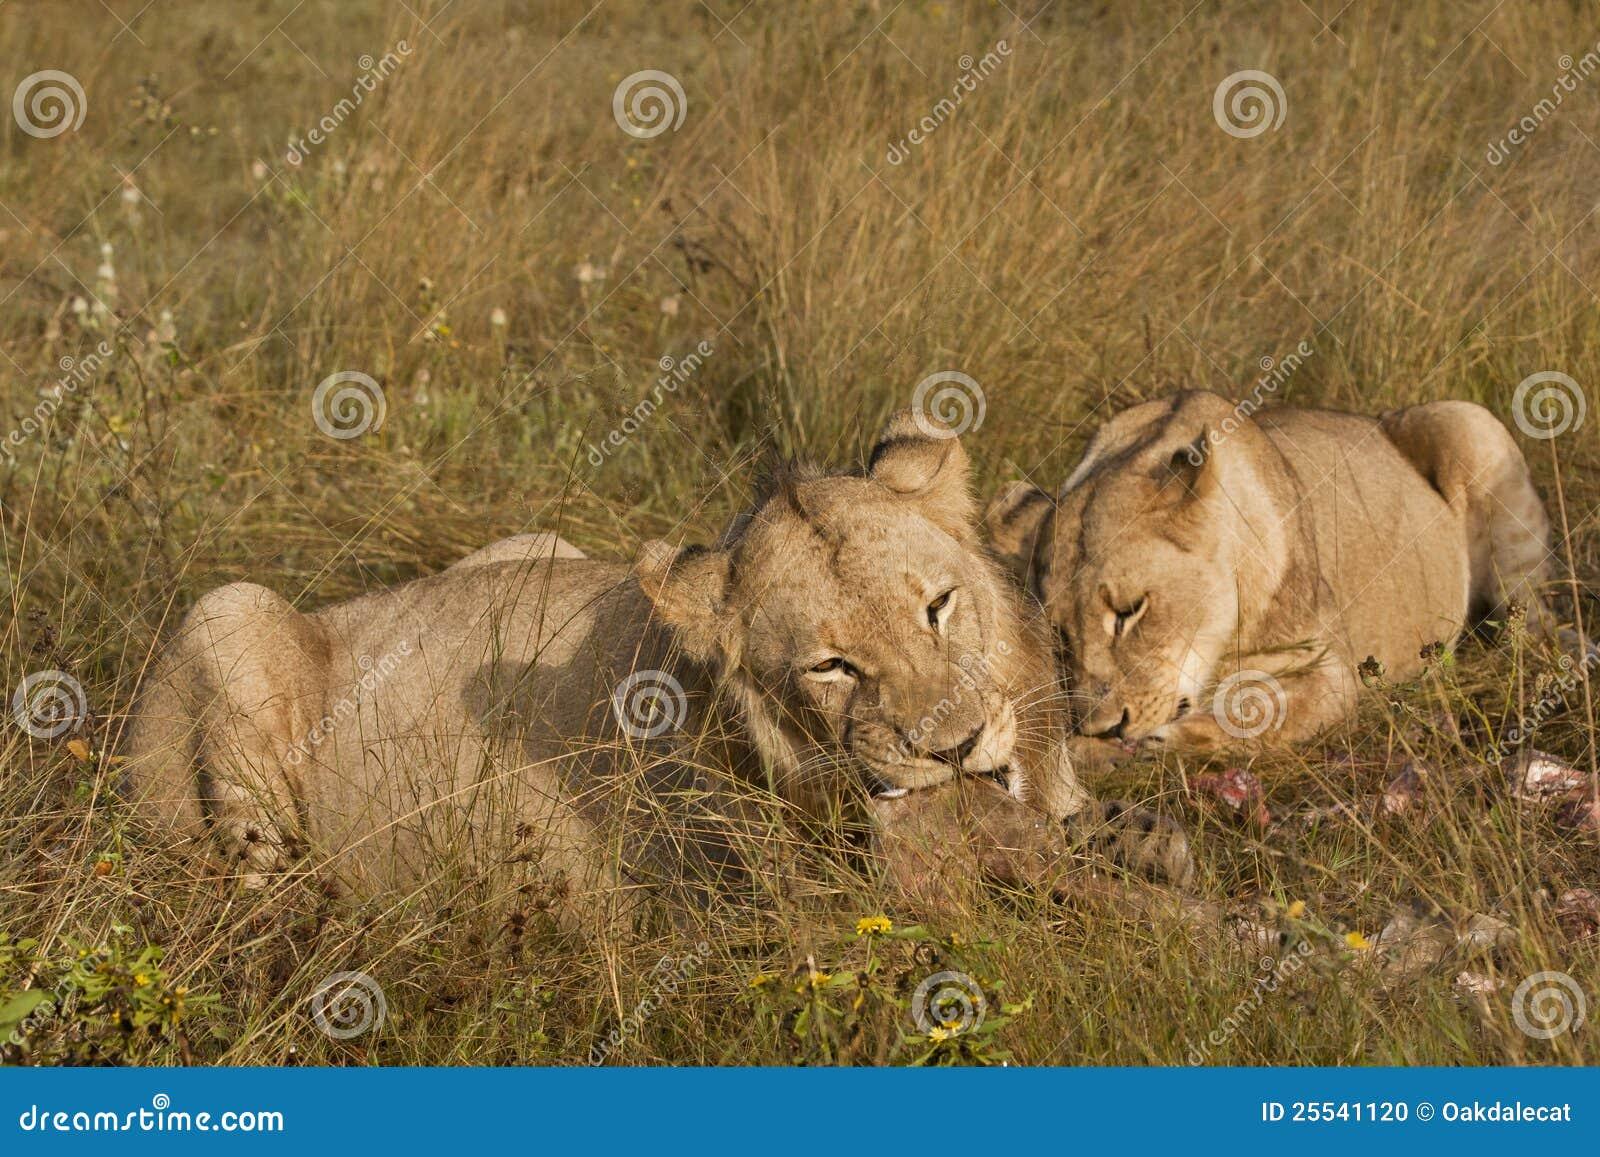 Löwen mit geschmackvollen Stückchen